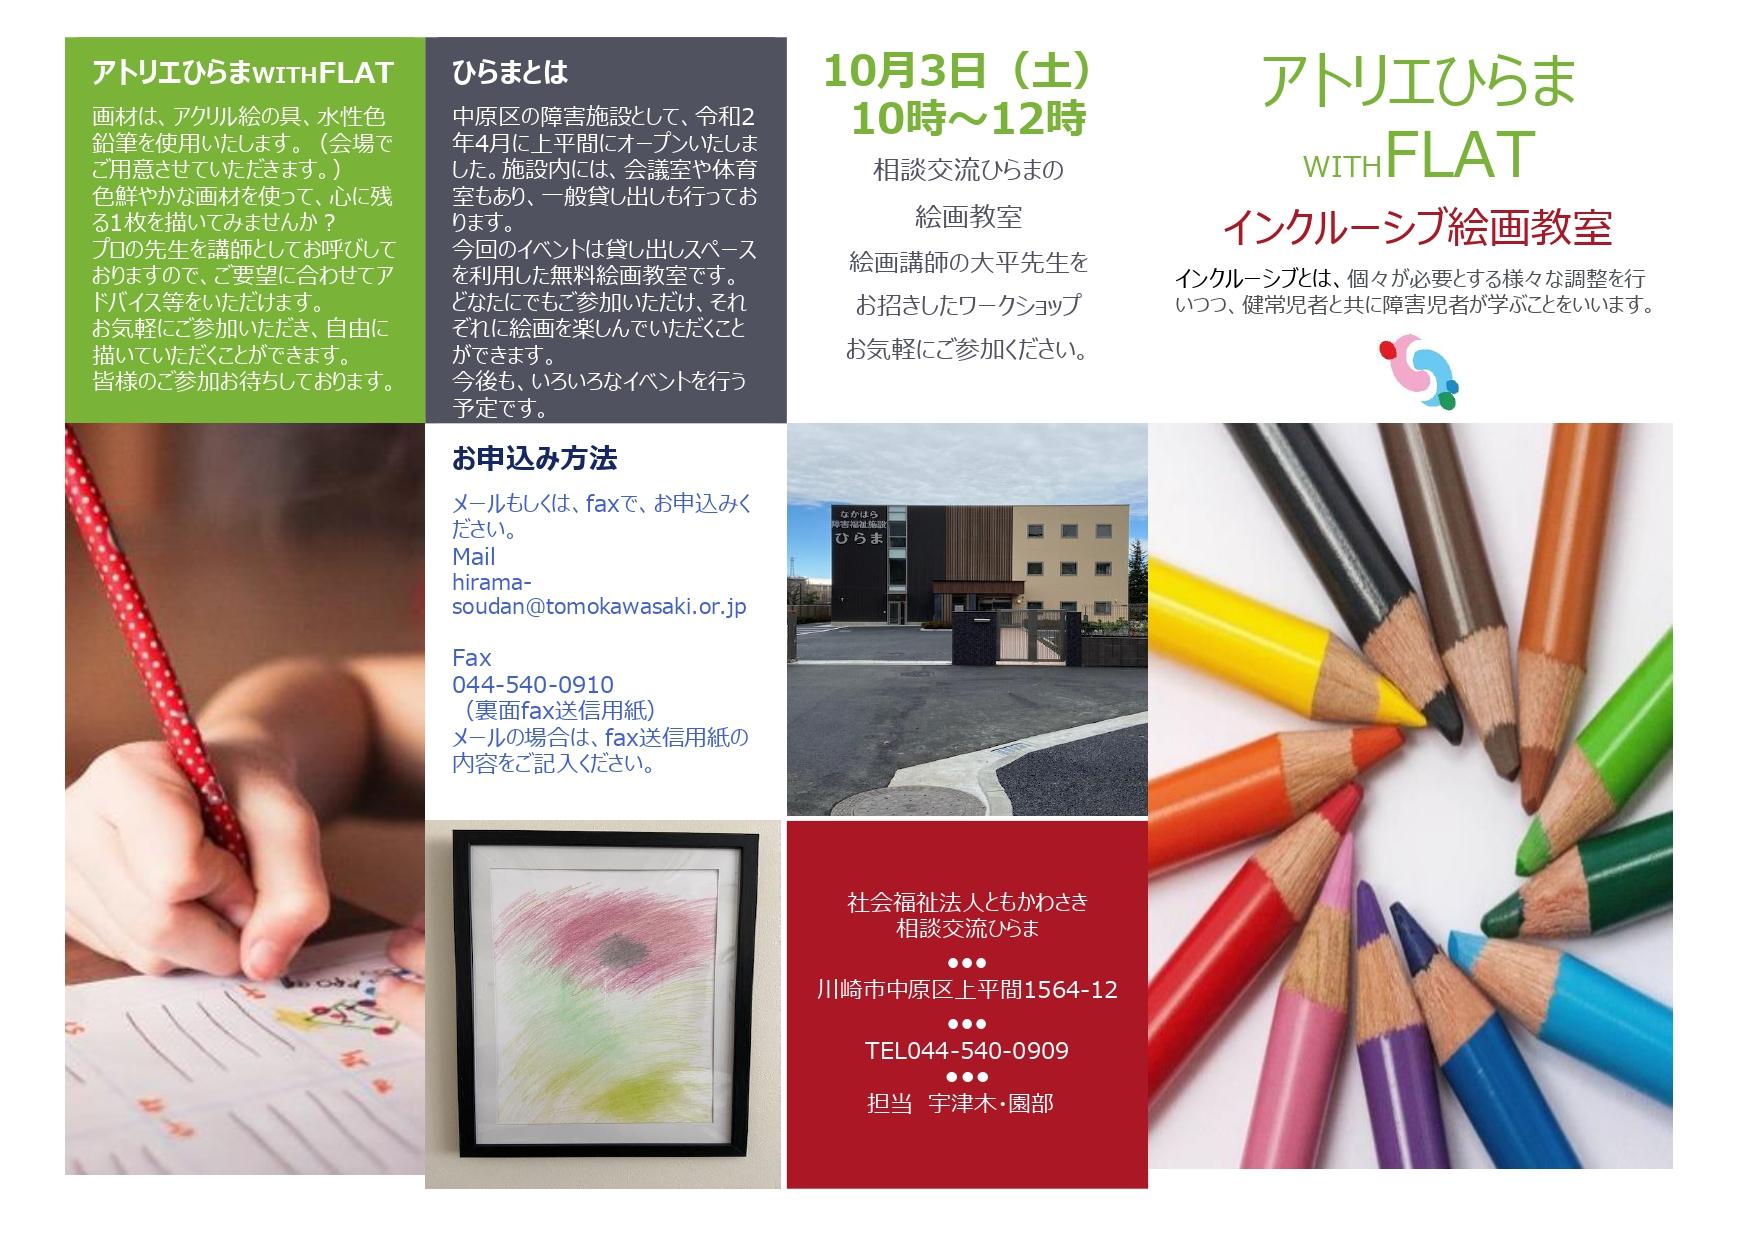 イメージ:【参加者募集】アトリエひらま WITH FLAT インクルーシブ絵画教室